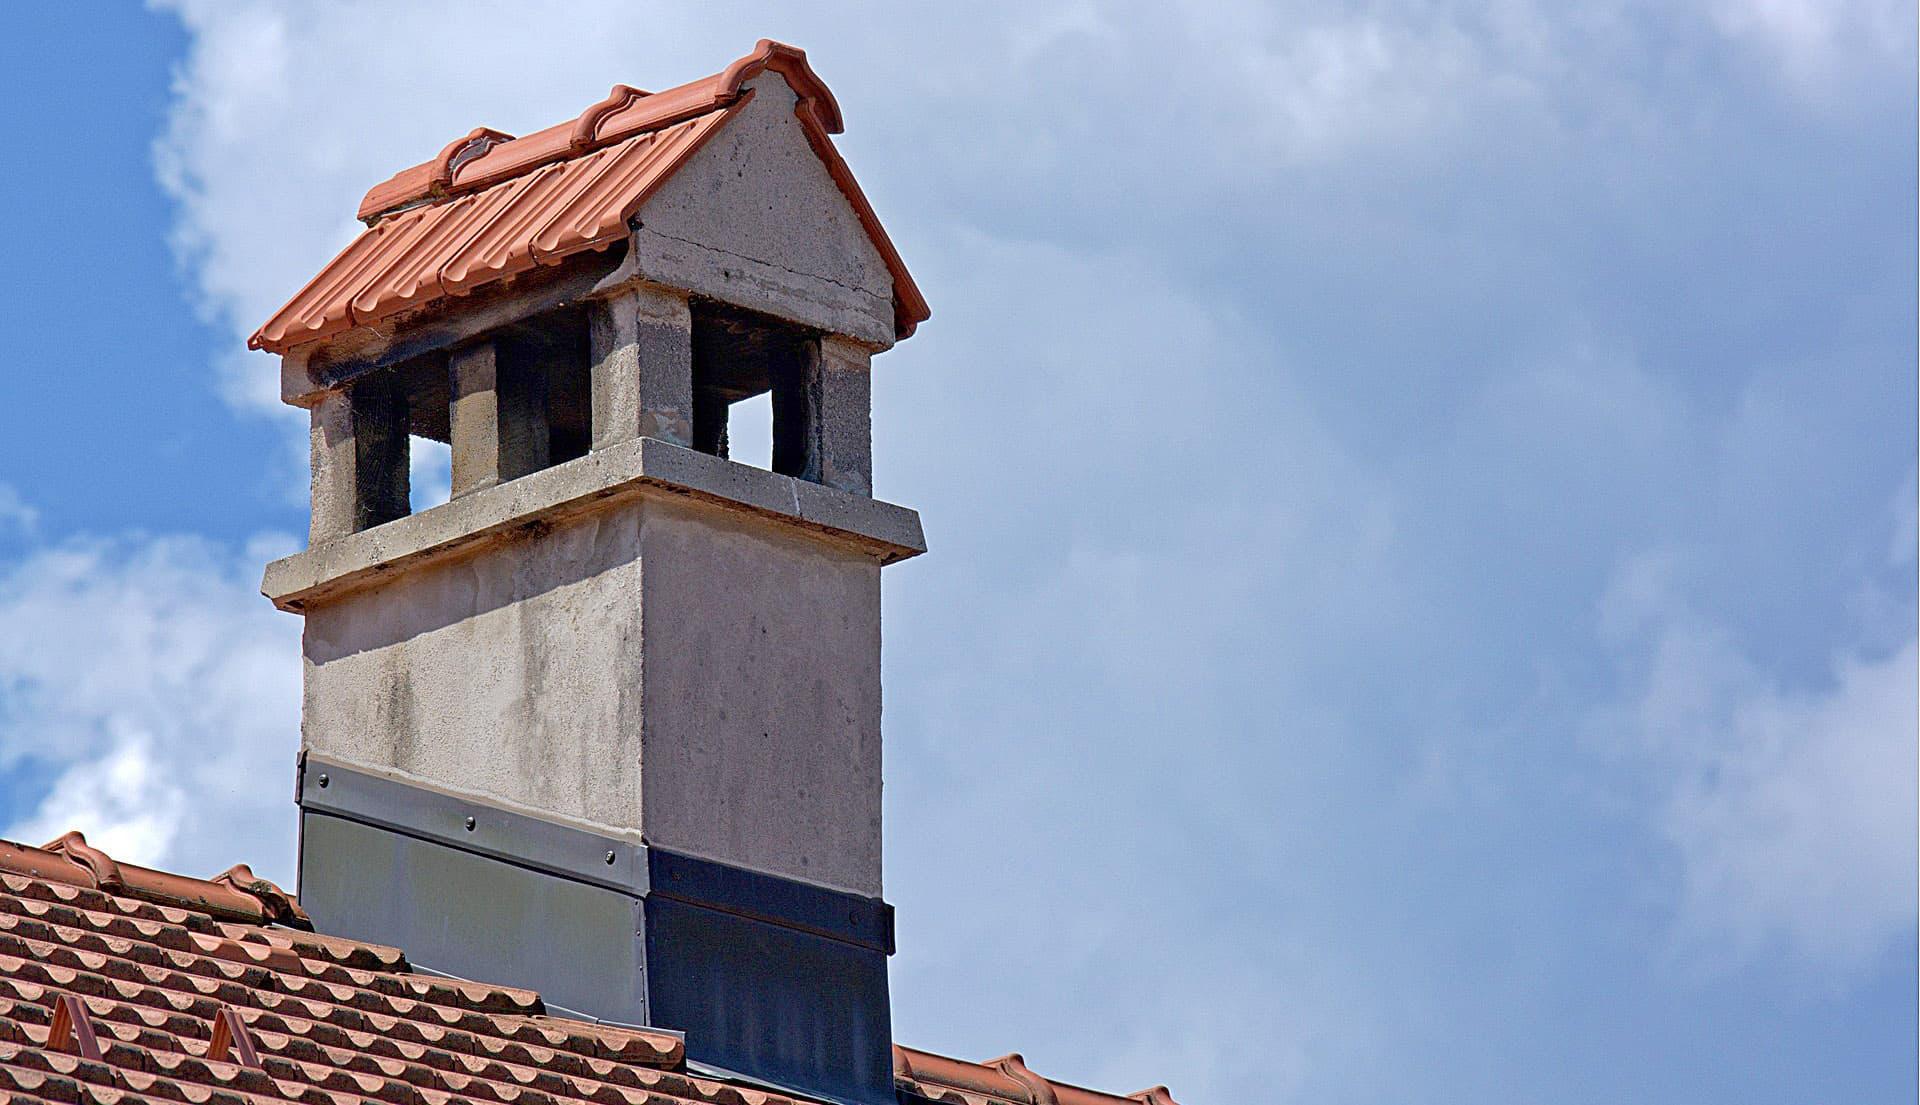 CO2-Bepreisung: Mit welchen Mehrkosten müssen Hauseigentümer rechnen?